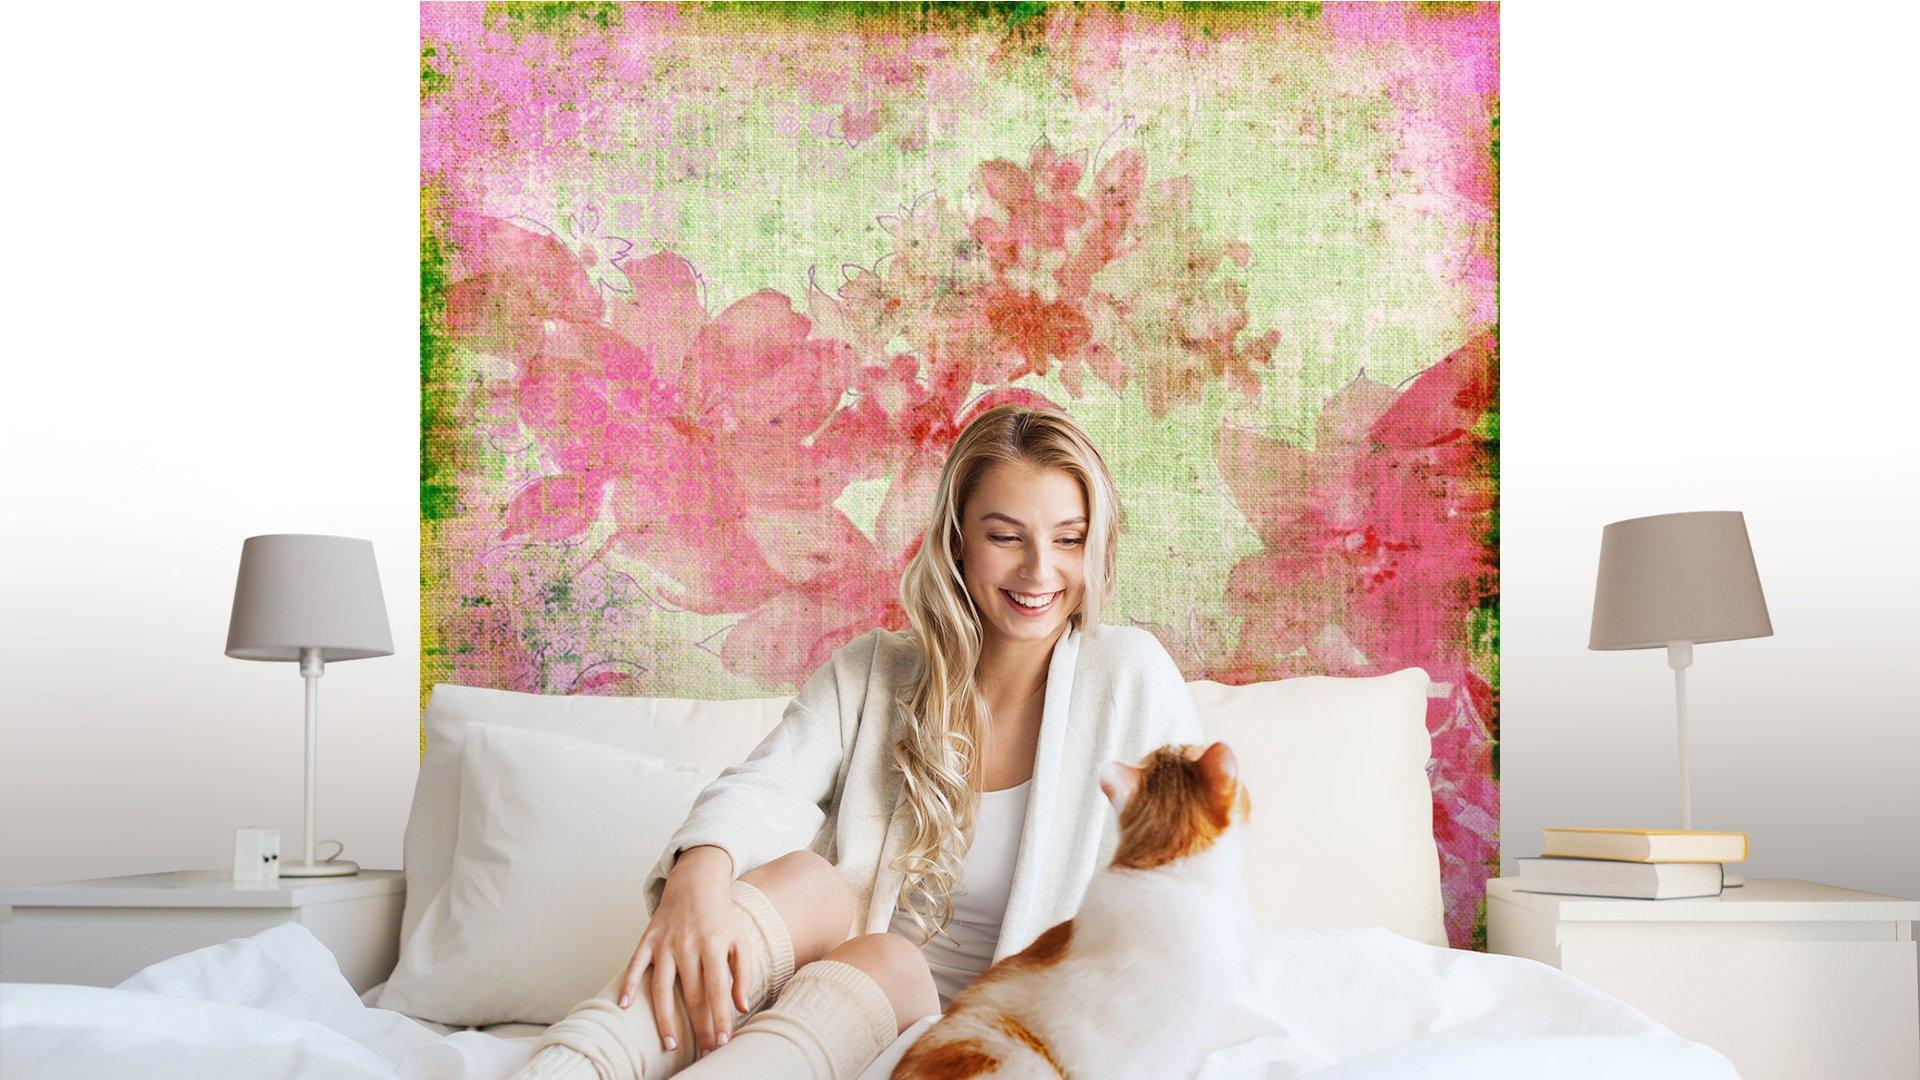 VINTAGE PAPER FLORAL ROSA1 - Fotomural Tapiz Floral Color Rosa 01